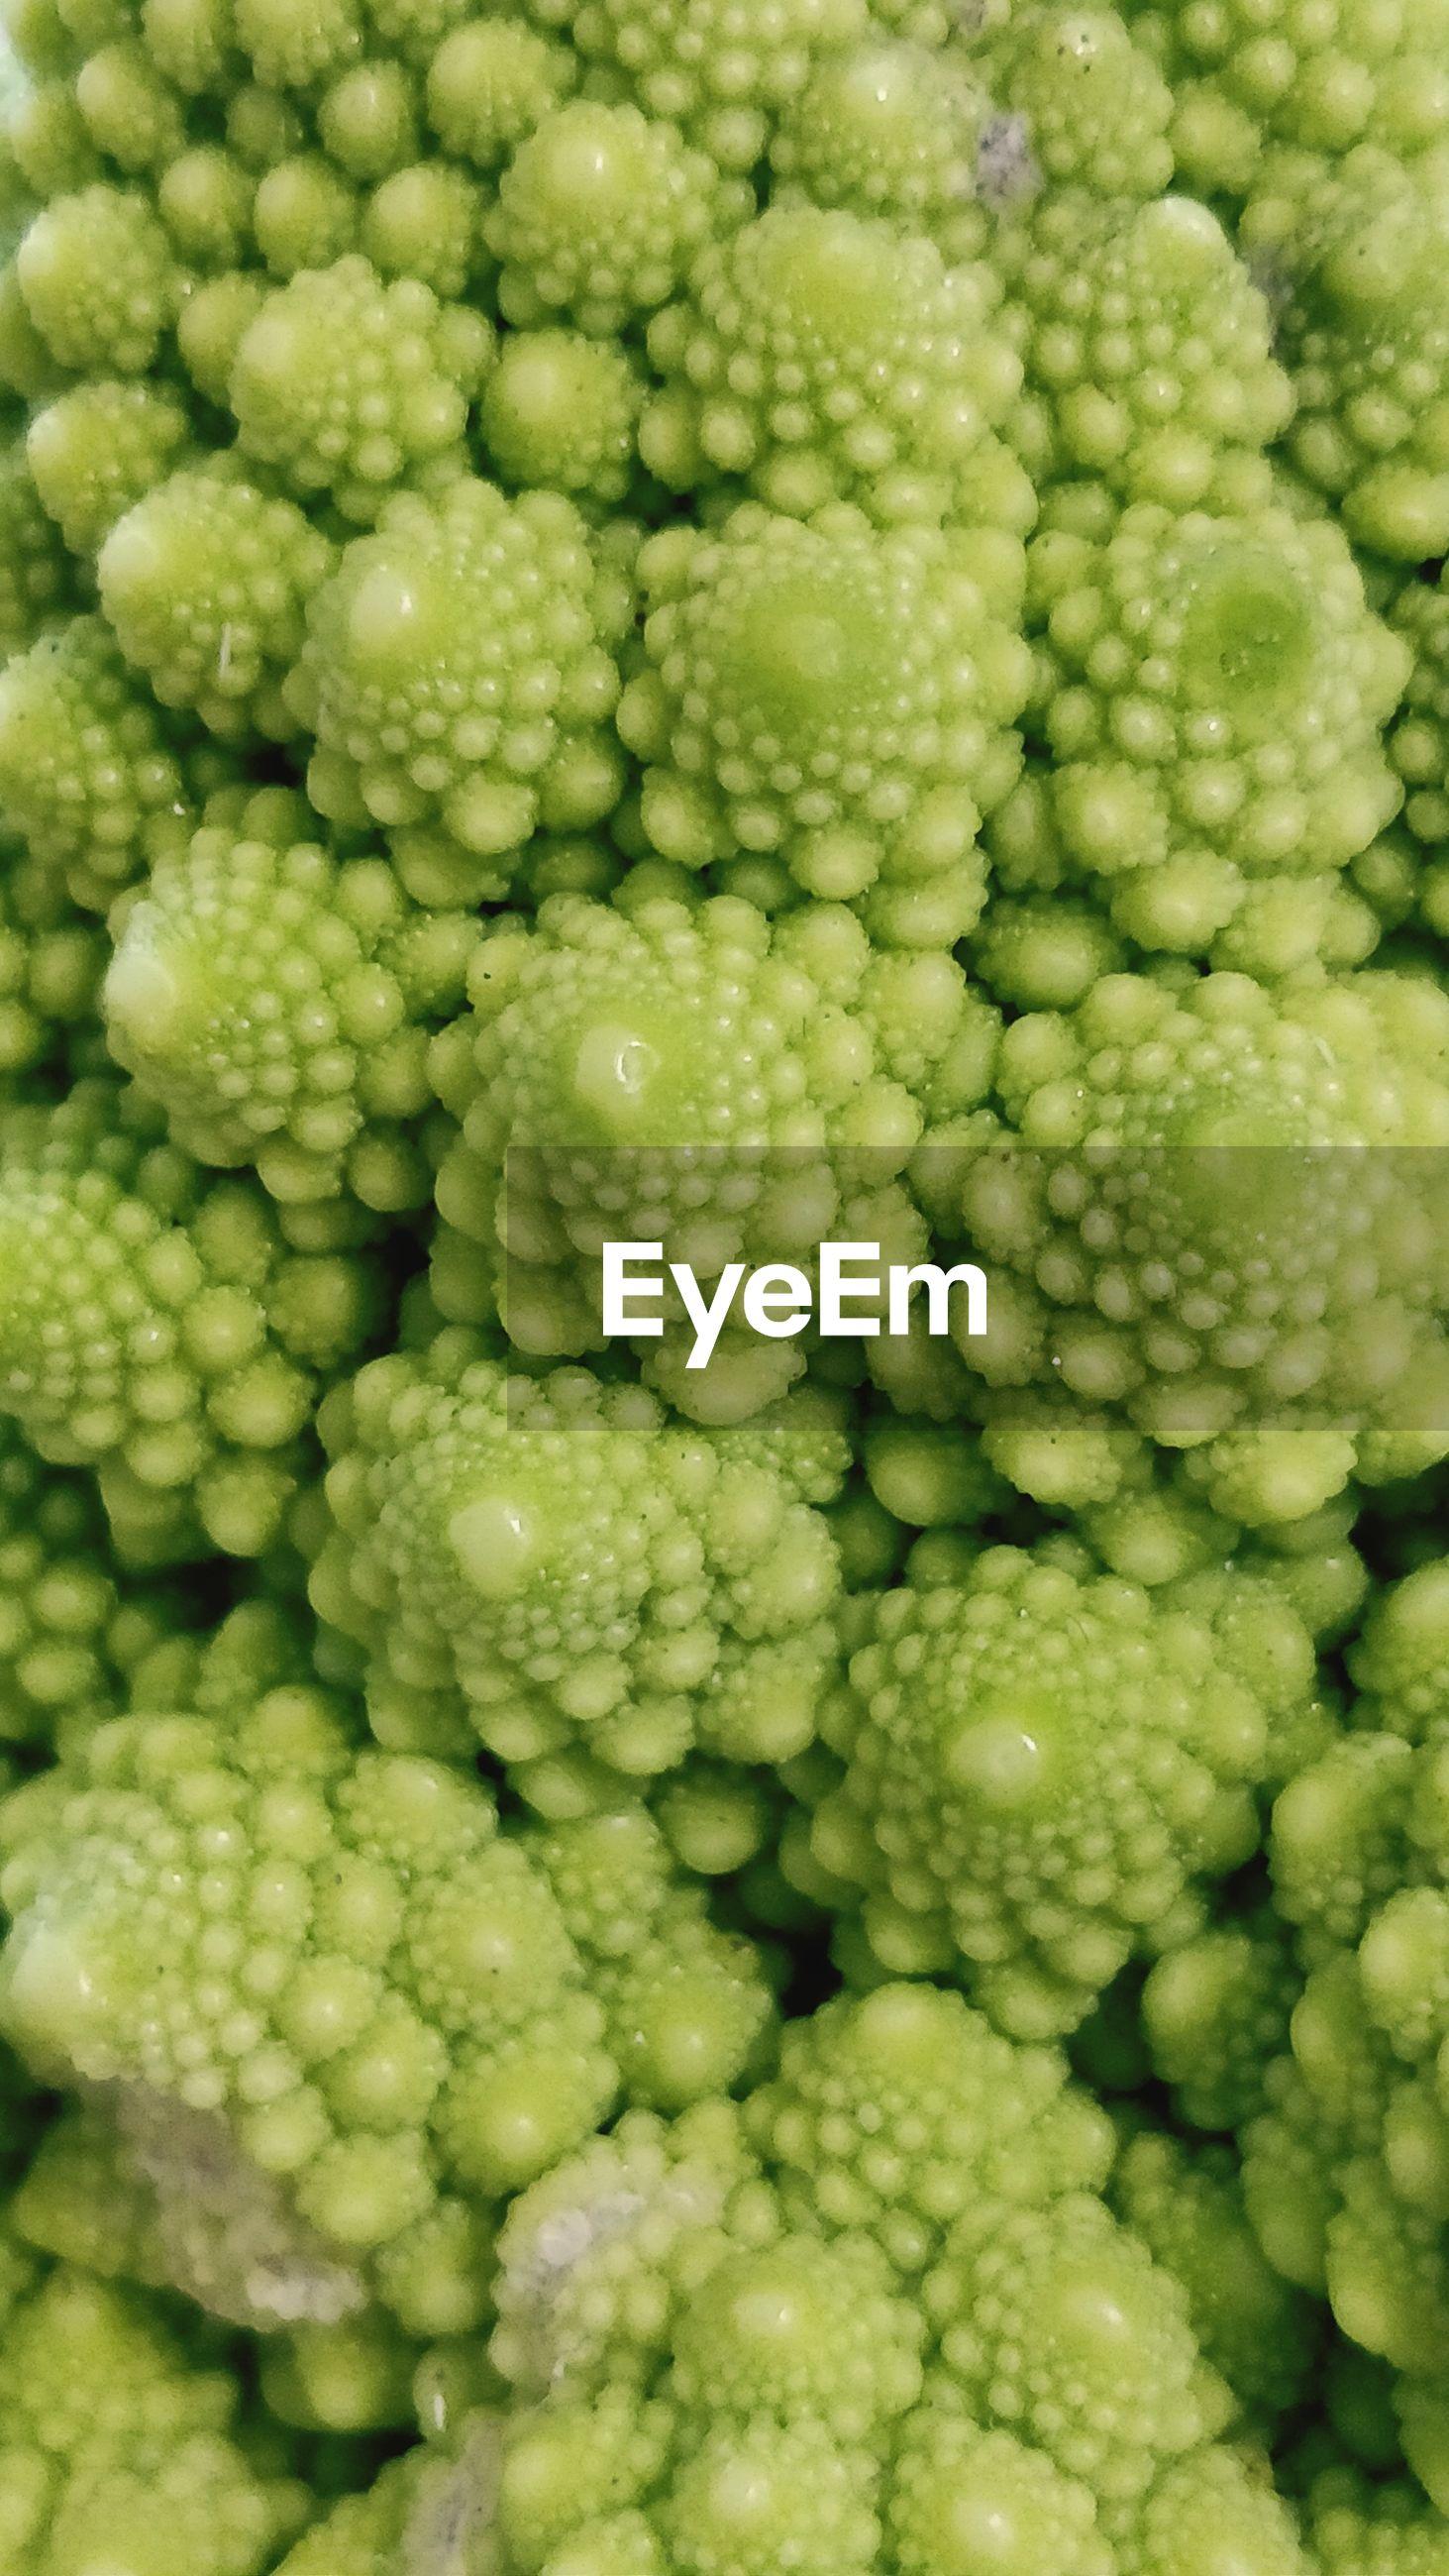 Full frame shot of green broccoli